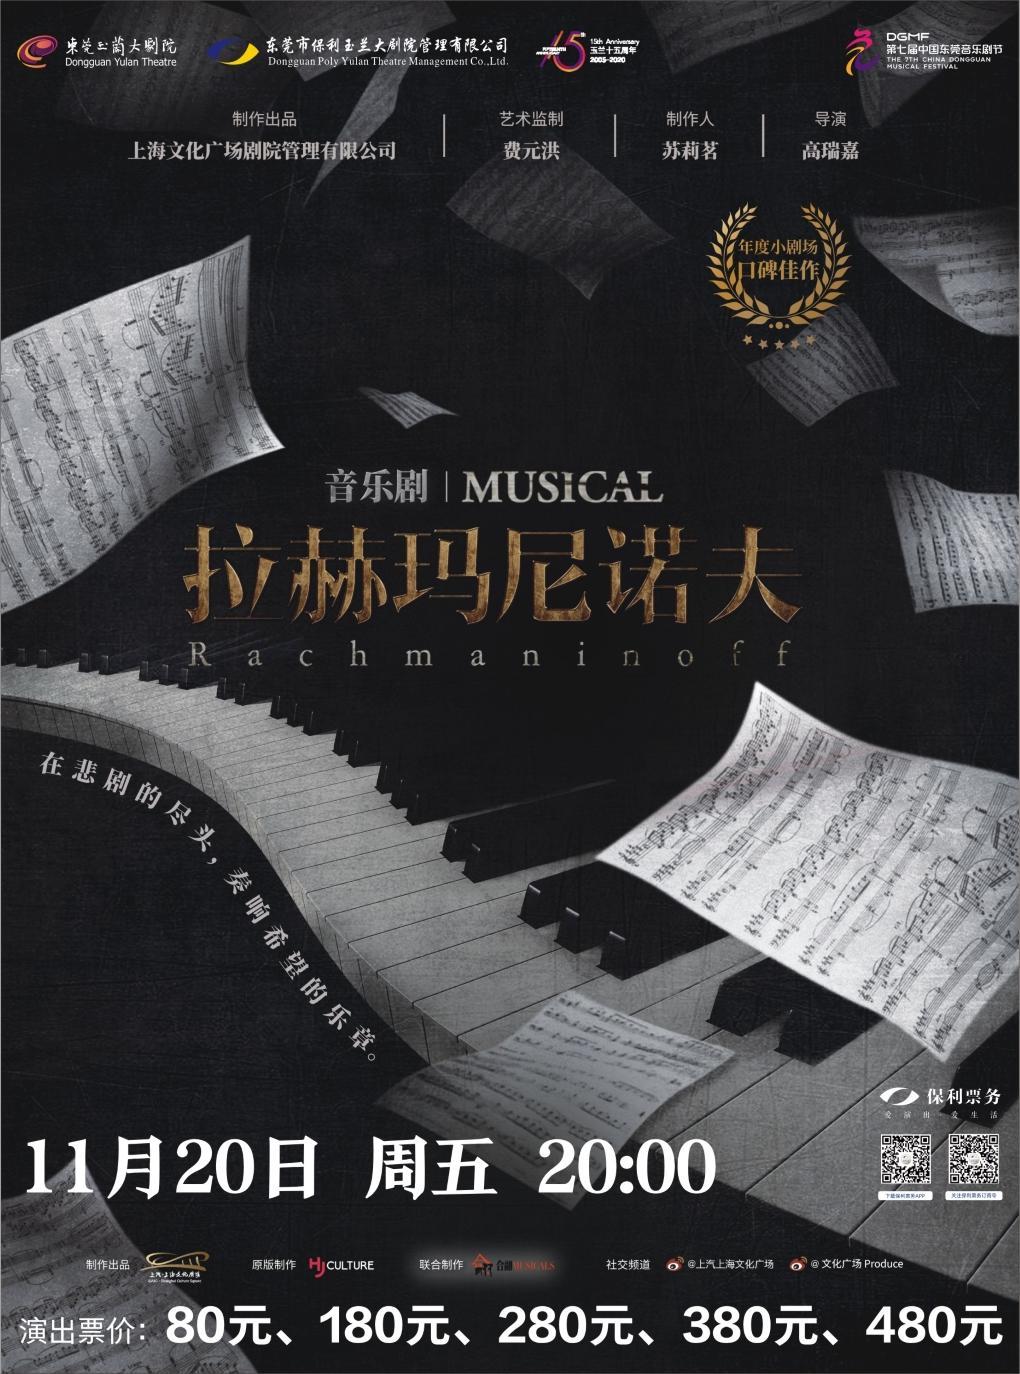 音乐剧《拉赫玛尼诺夫》